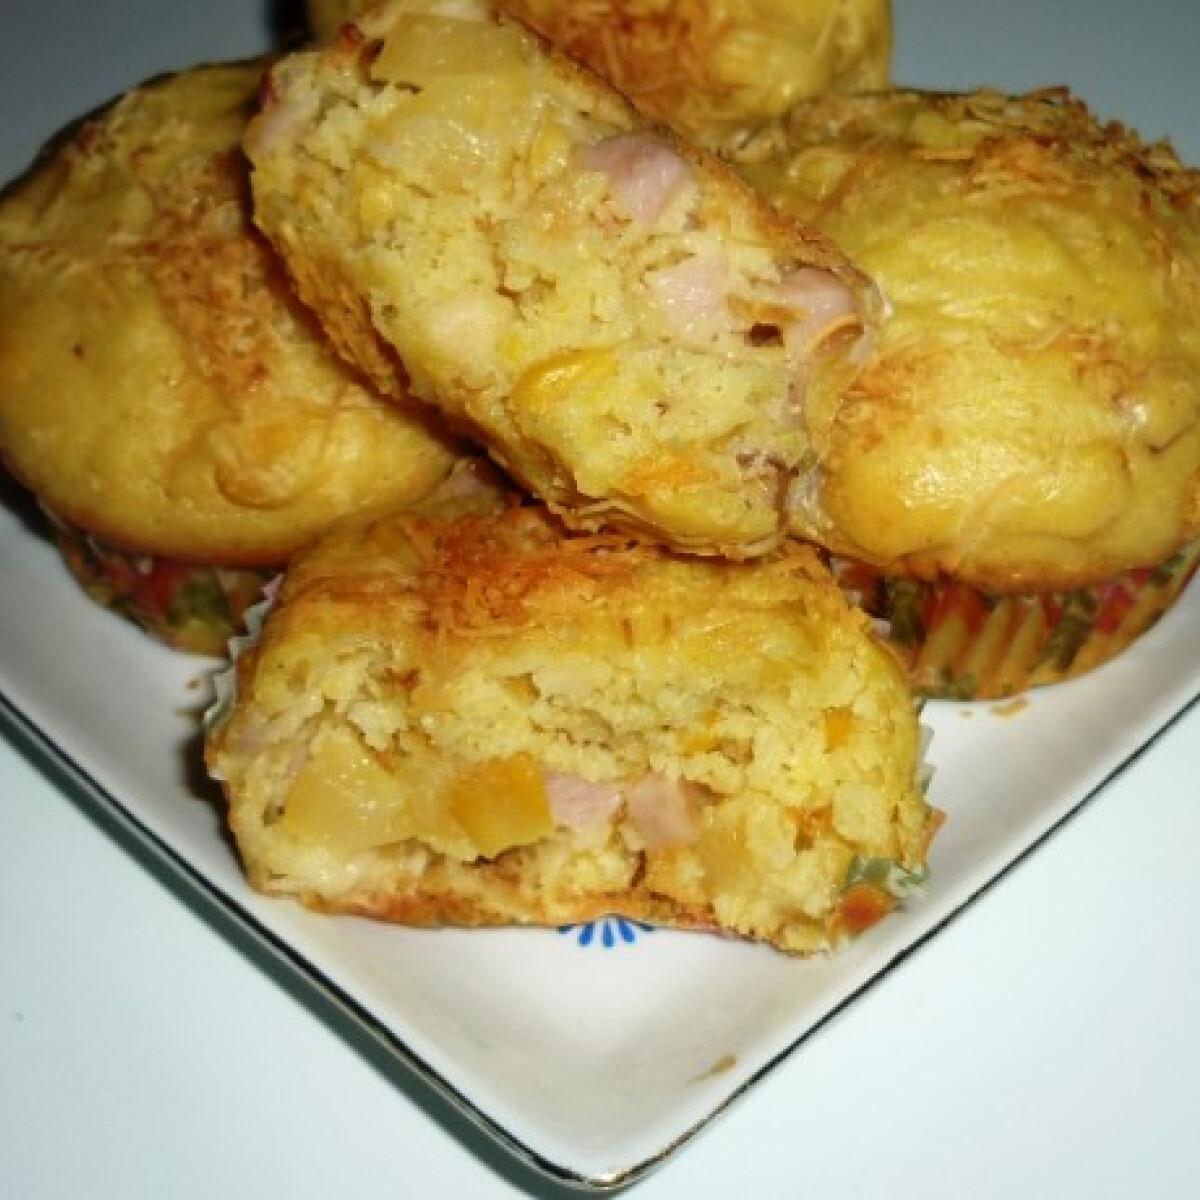 Hawai muffin